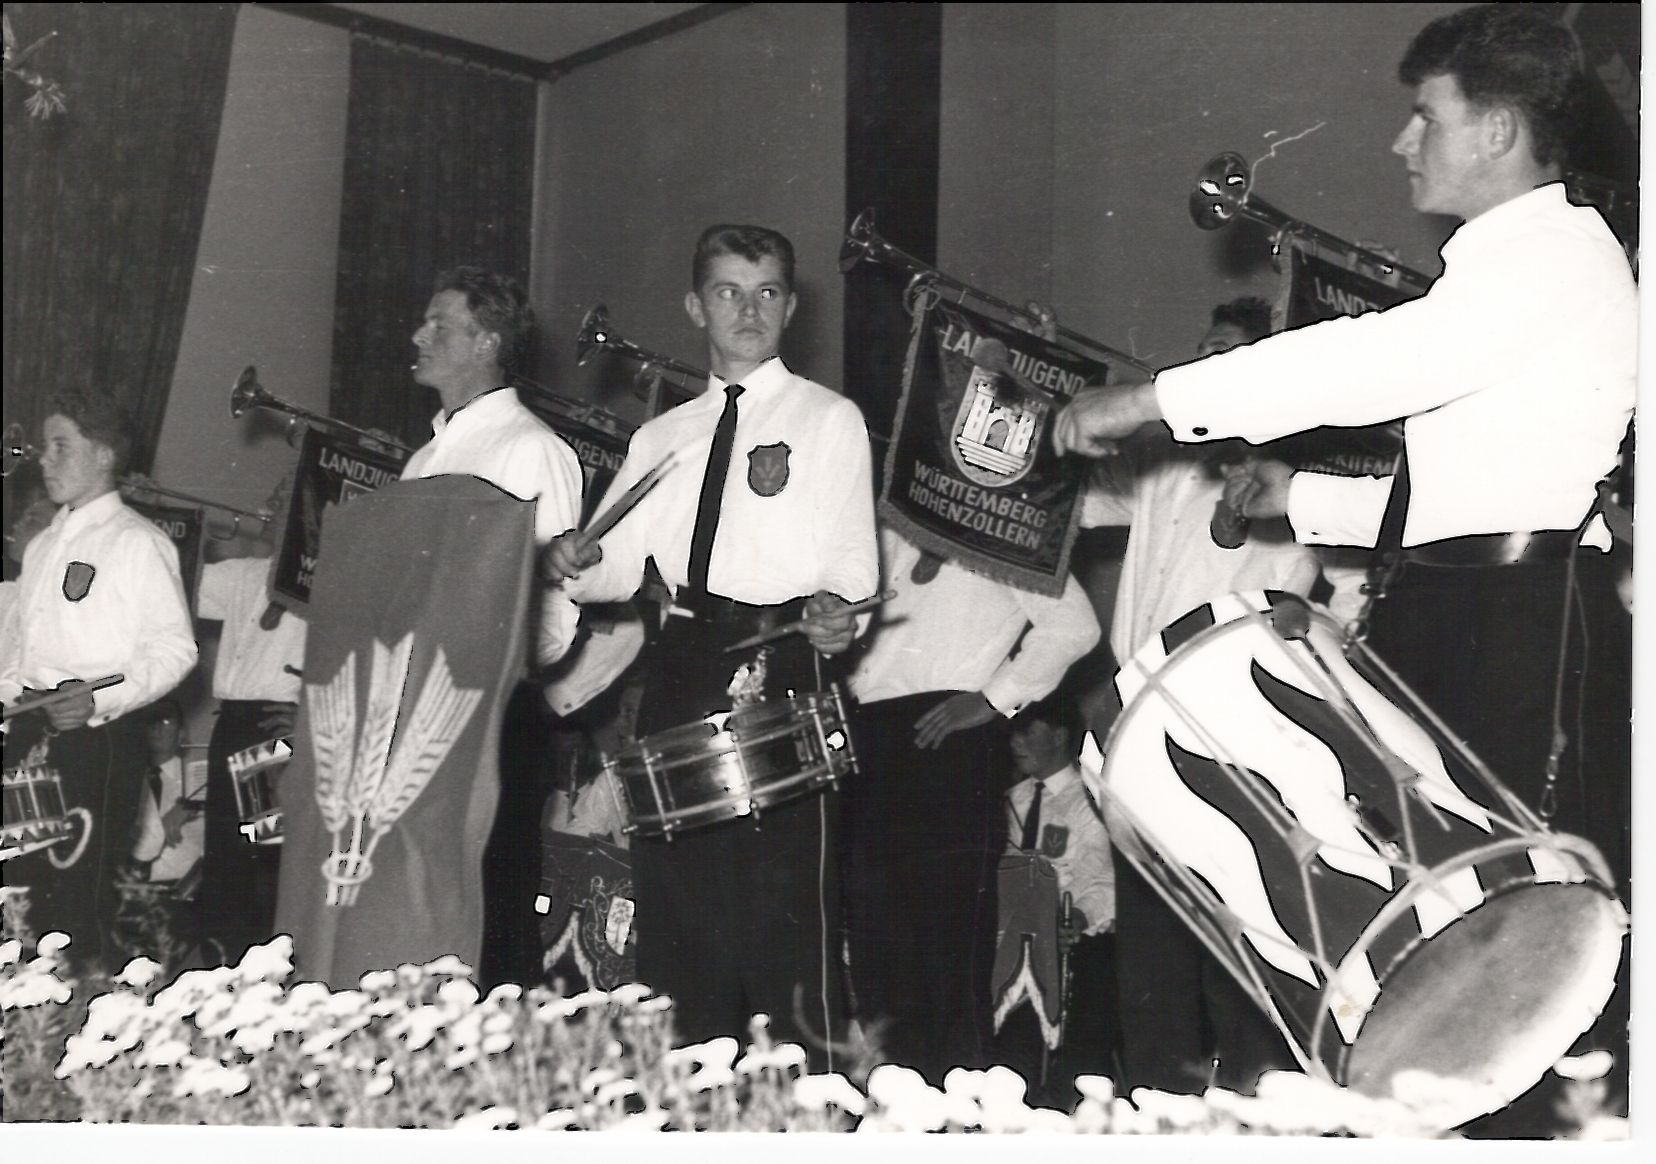 Der Fanfarenzug bei einem Auftritt zwischen 1960 und 1970